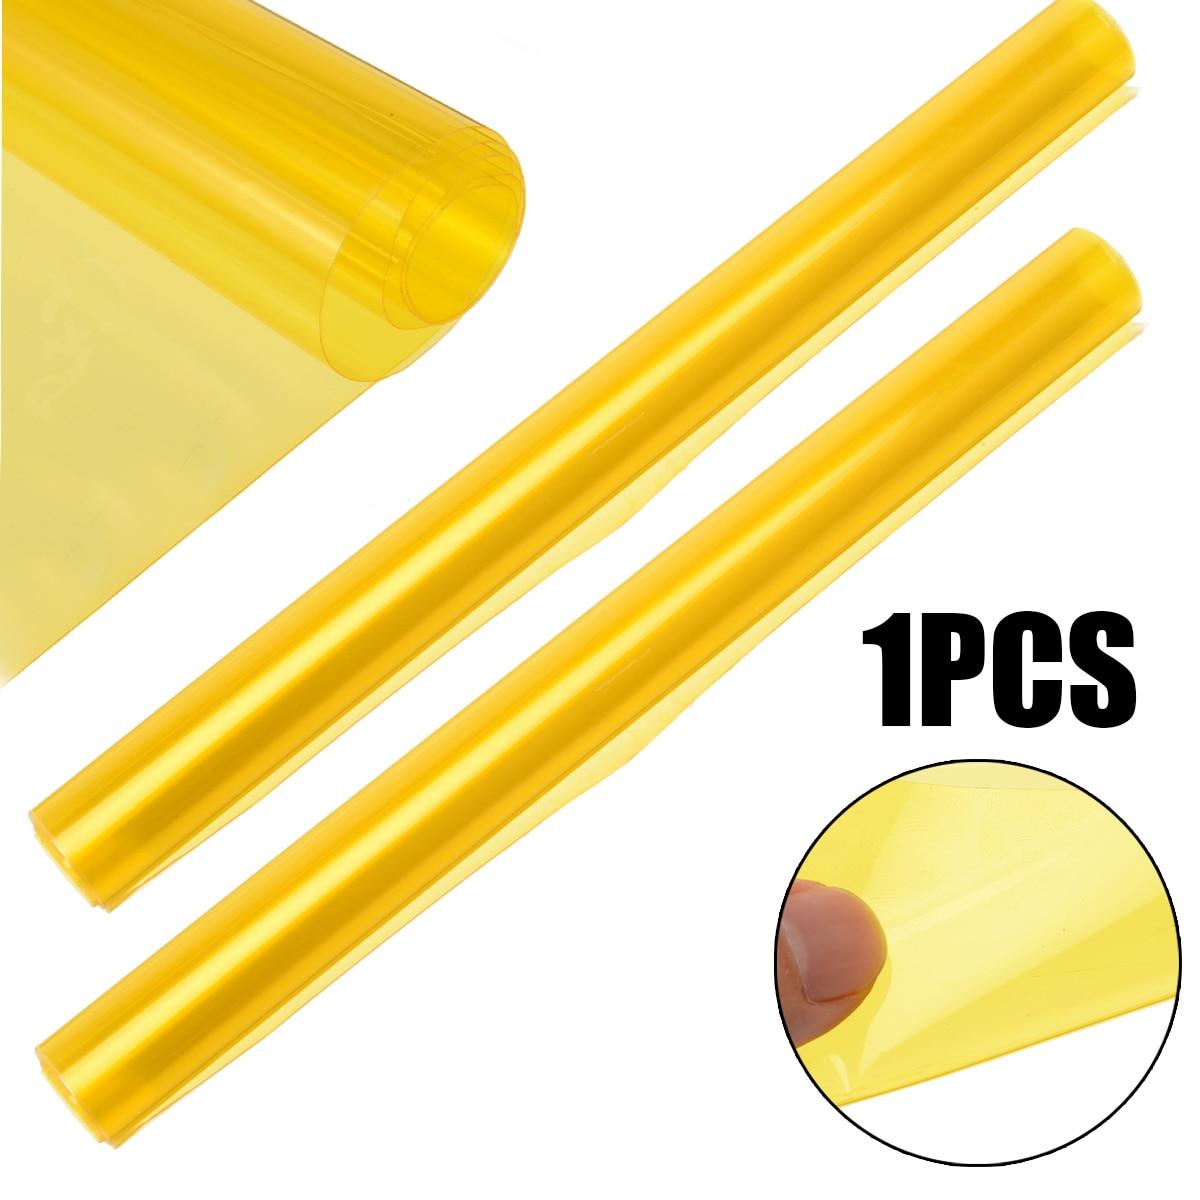 Novo 1 rolo 60x30cm luz do carro adesivo amarelo farol taillight matiz vinil fumaça filme folha etiqueta do carro estilo